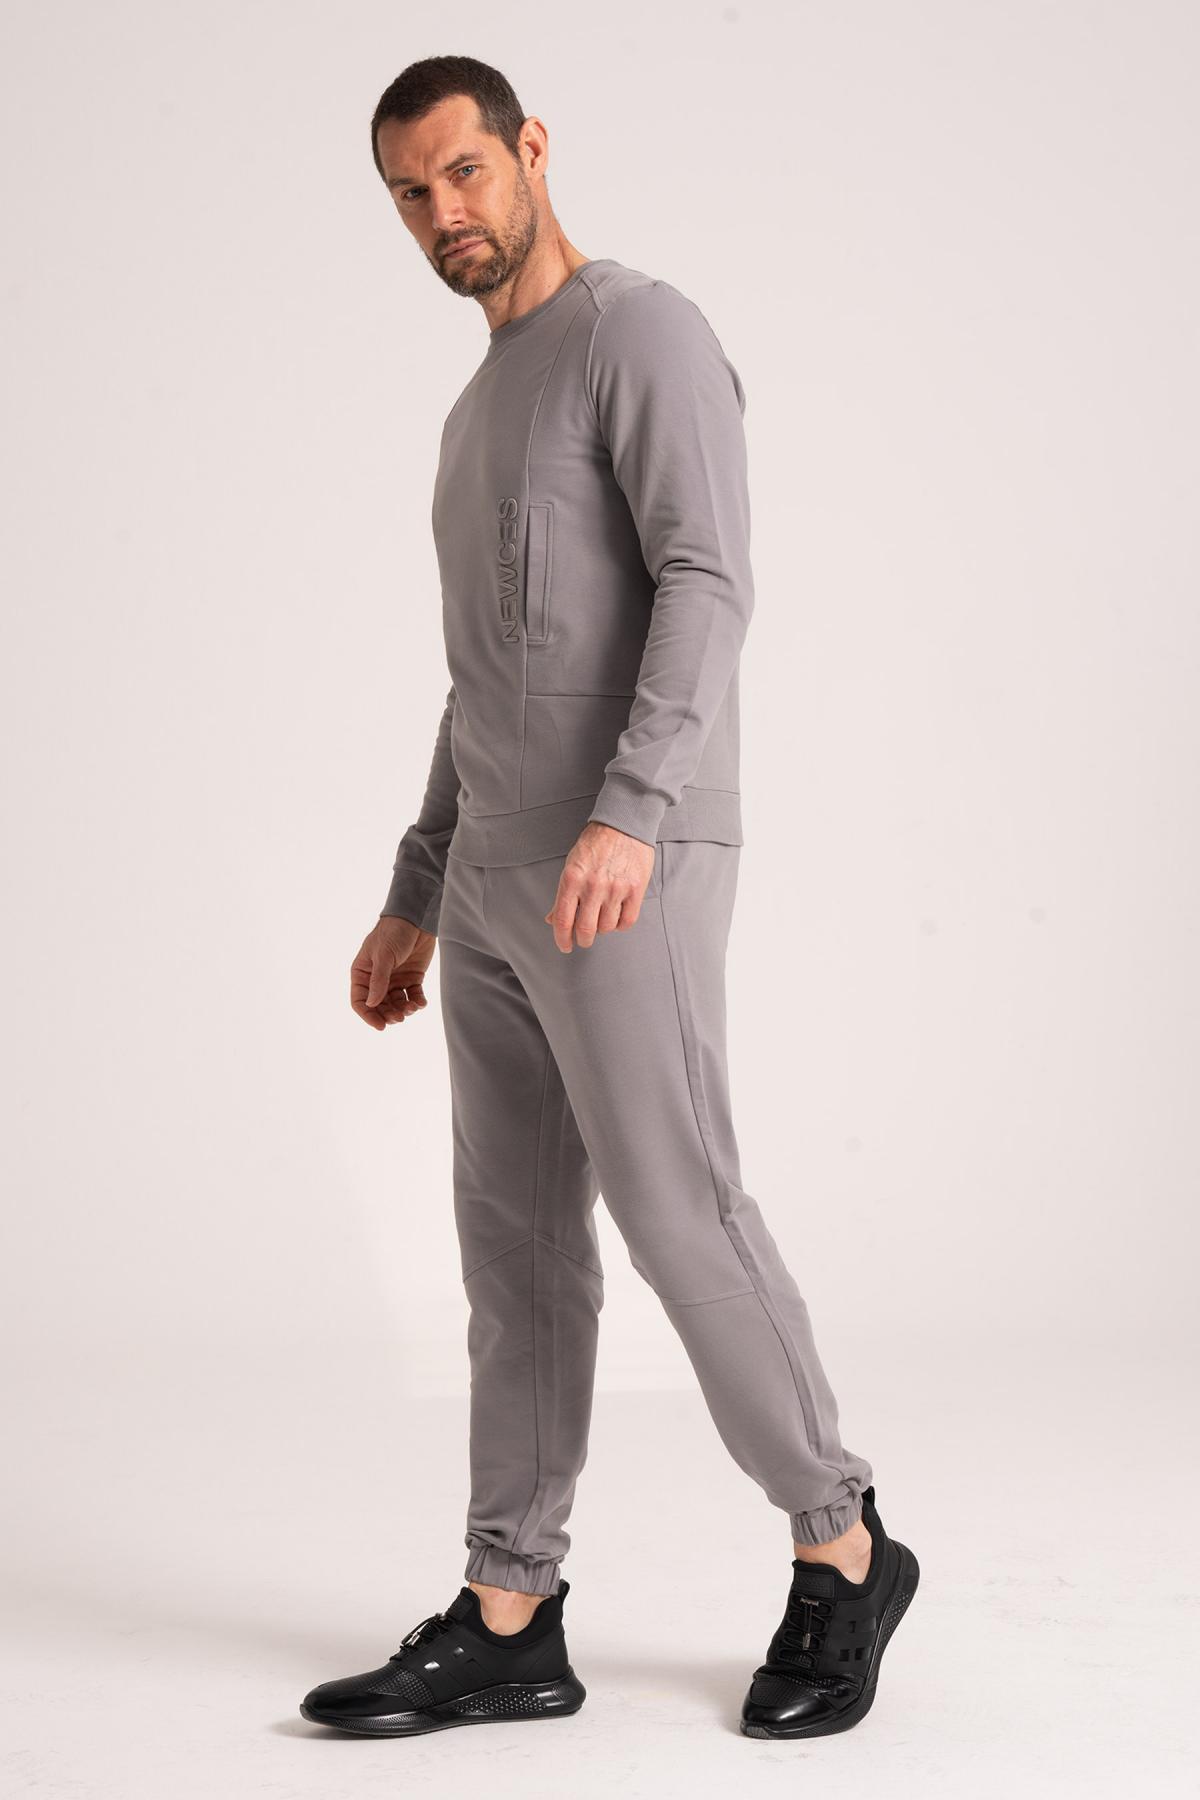 95% Cotton Sweatshirt newces-5013-G